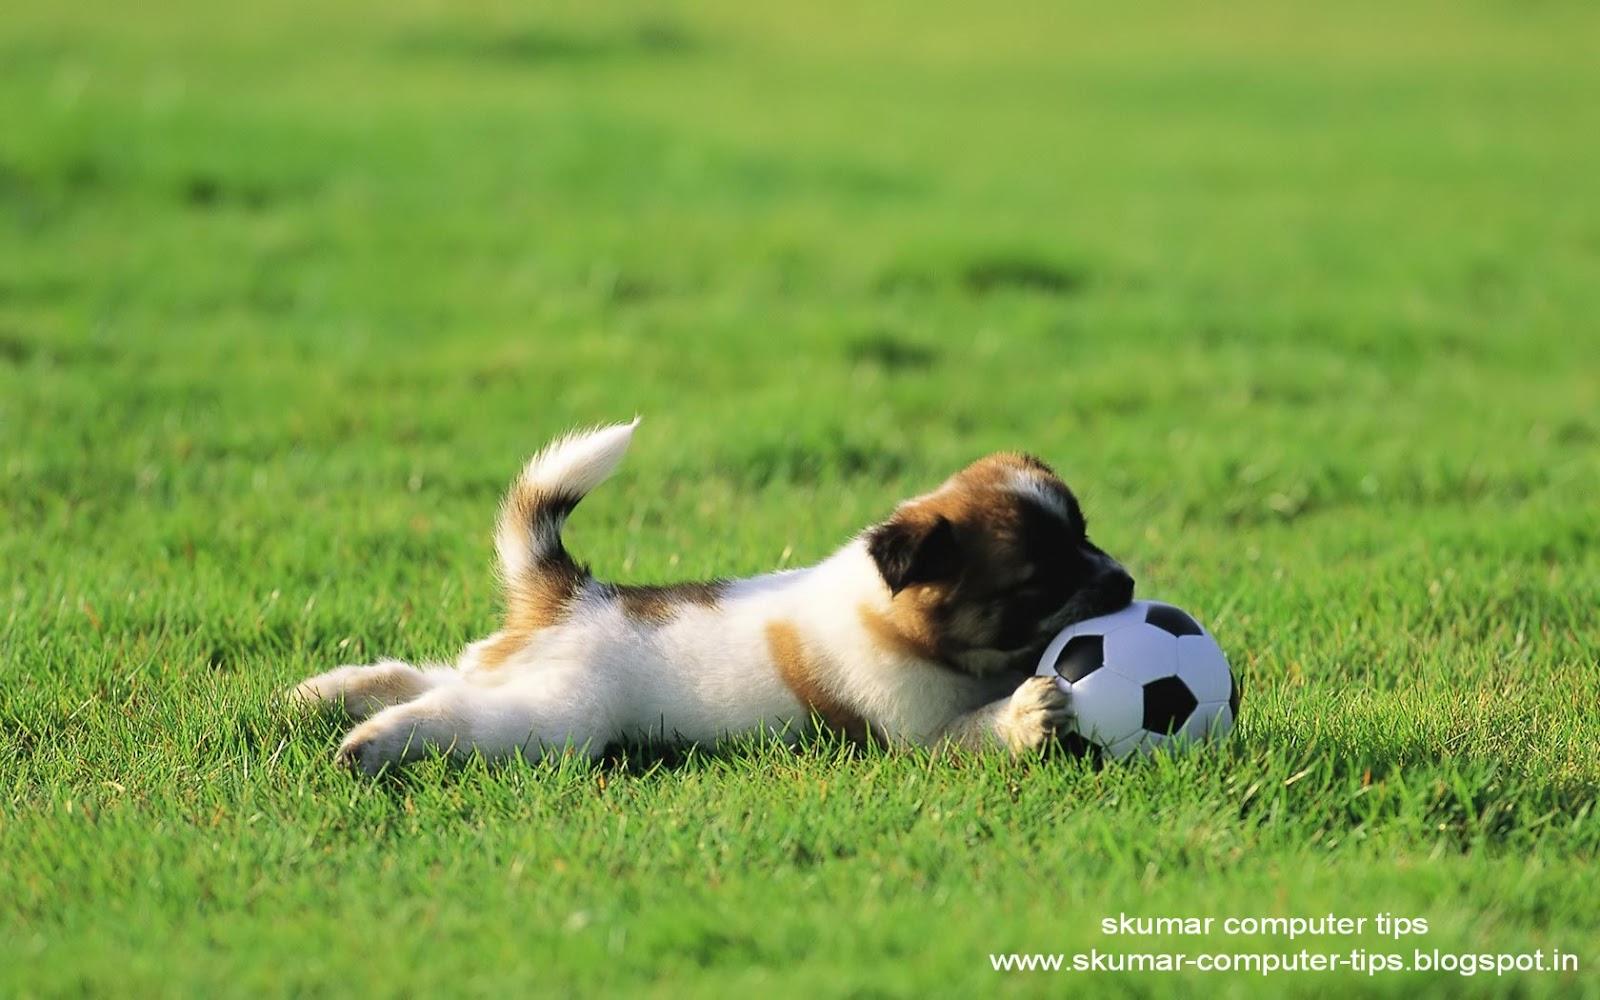 http://2.bp.blogspot.com/-Yp9ki0d2Ofs/T9YLptfzzZI/AAAAAAAAEg0/ln-vXhgbs5c/s1600/Puppy_dogs_-_Junior_soccer_hd_wallpaper.jpg